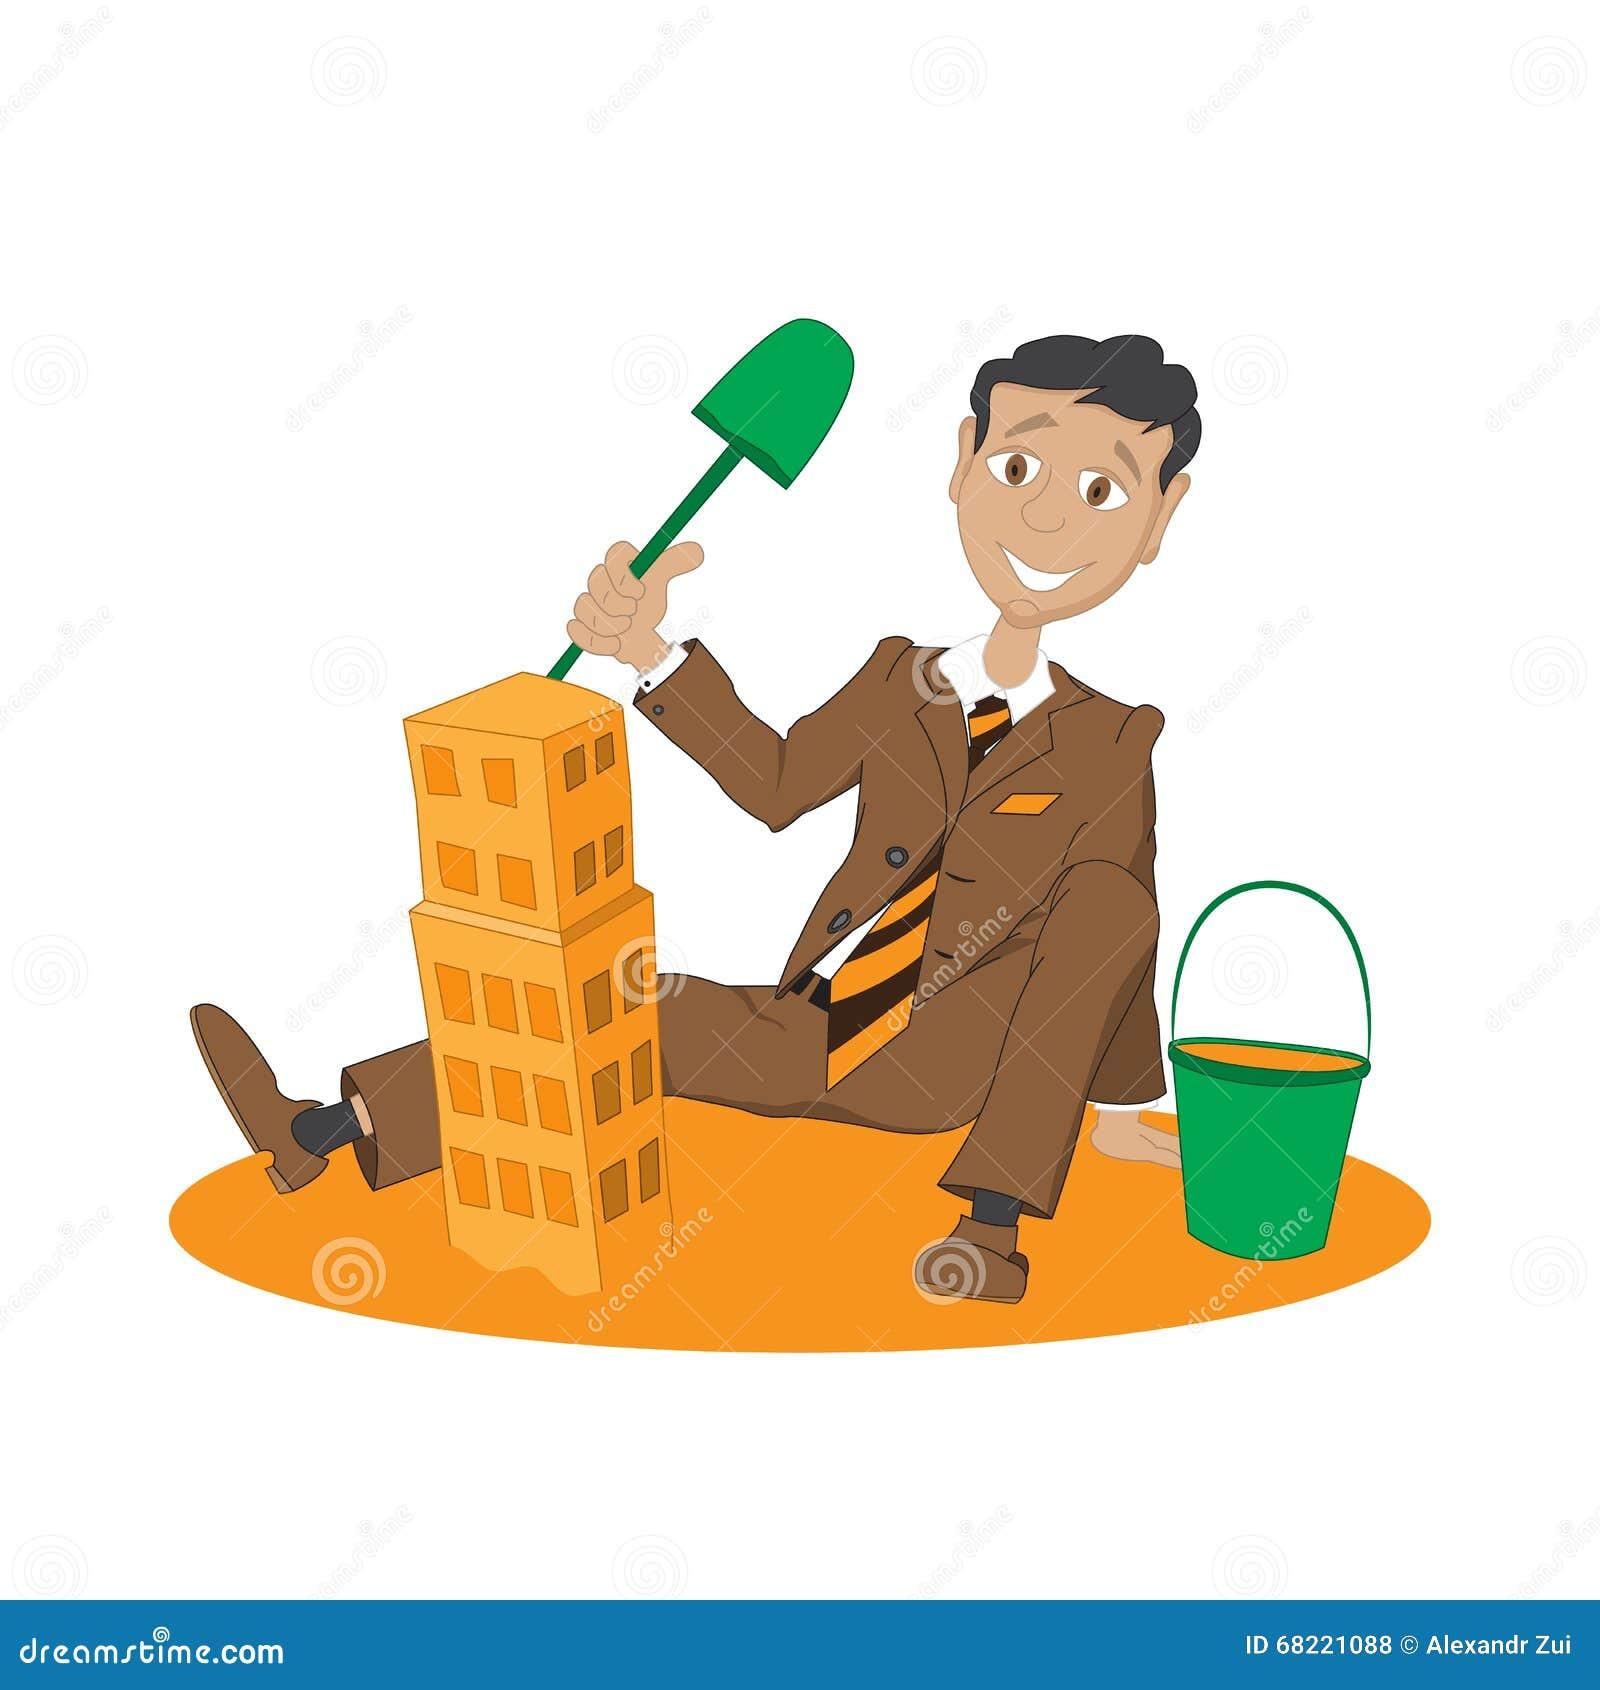 ein mann baut ein haus aus sand heraus vektor abbildung bild 68221088. Black Bedroom Furniture Sets. Home Design Ideas